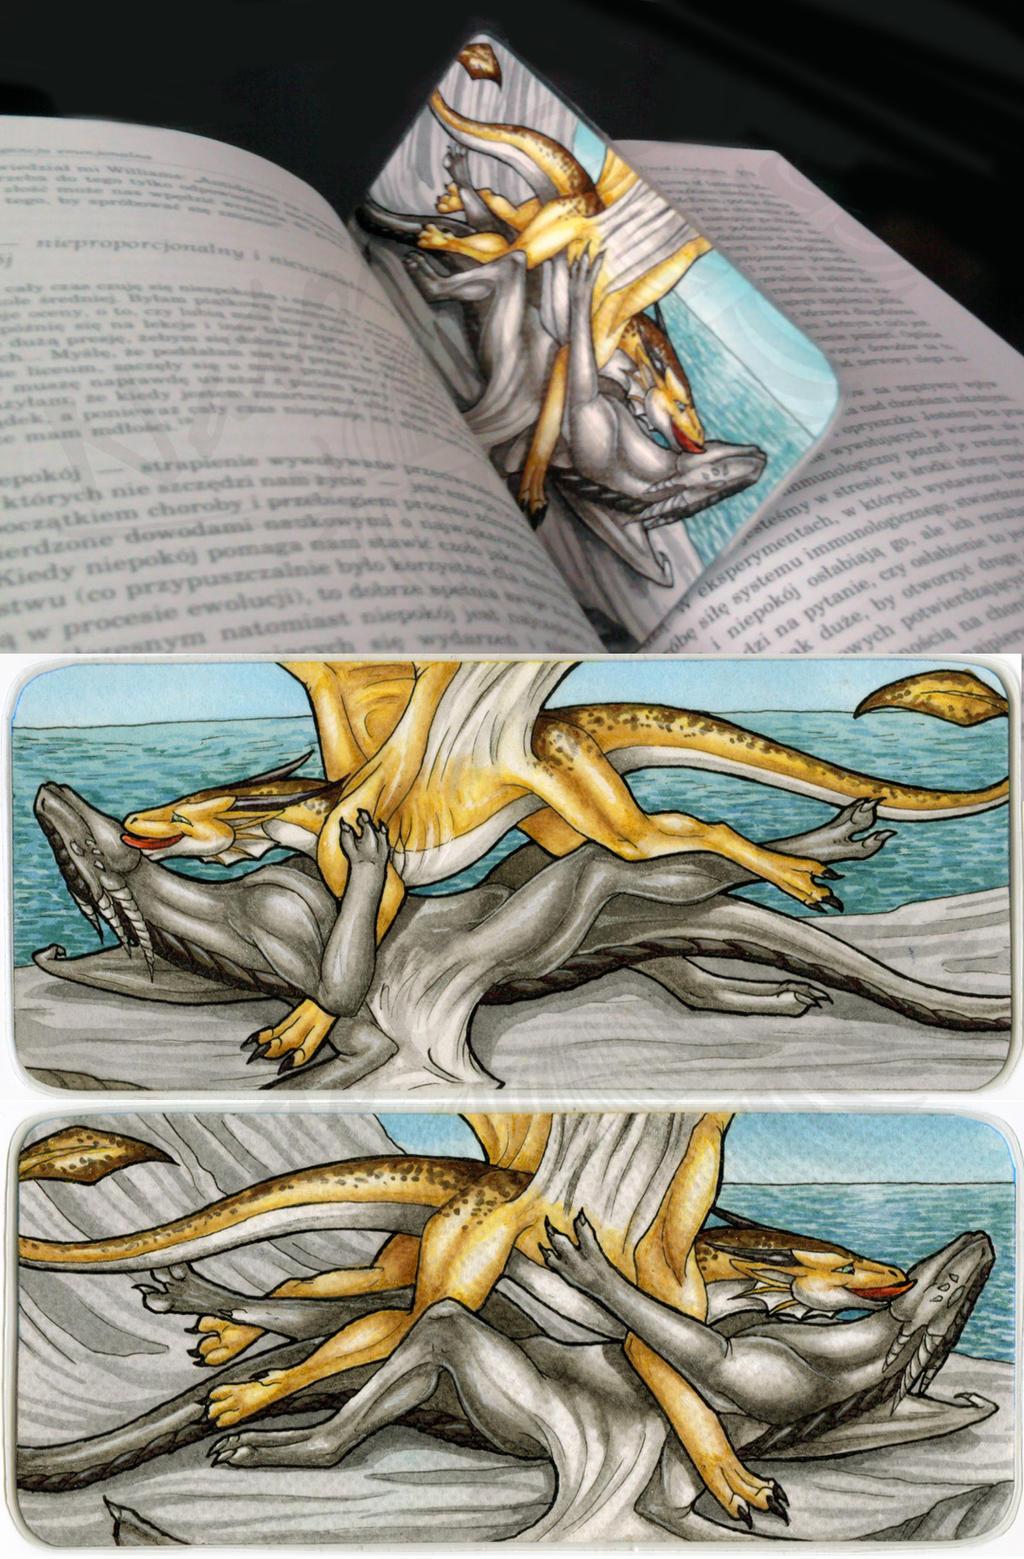 Jasriella Bookmark by Natoli